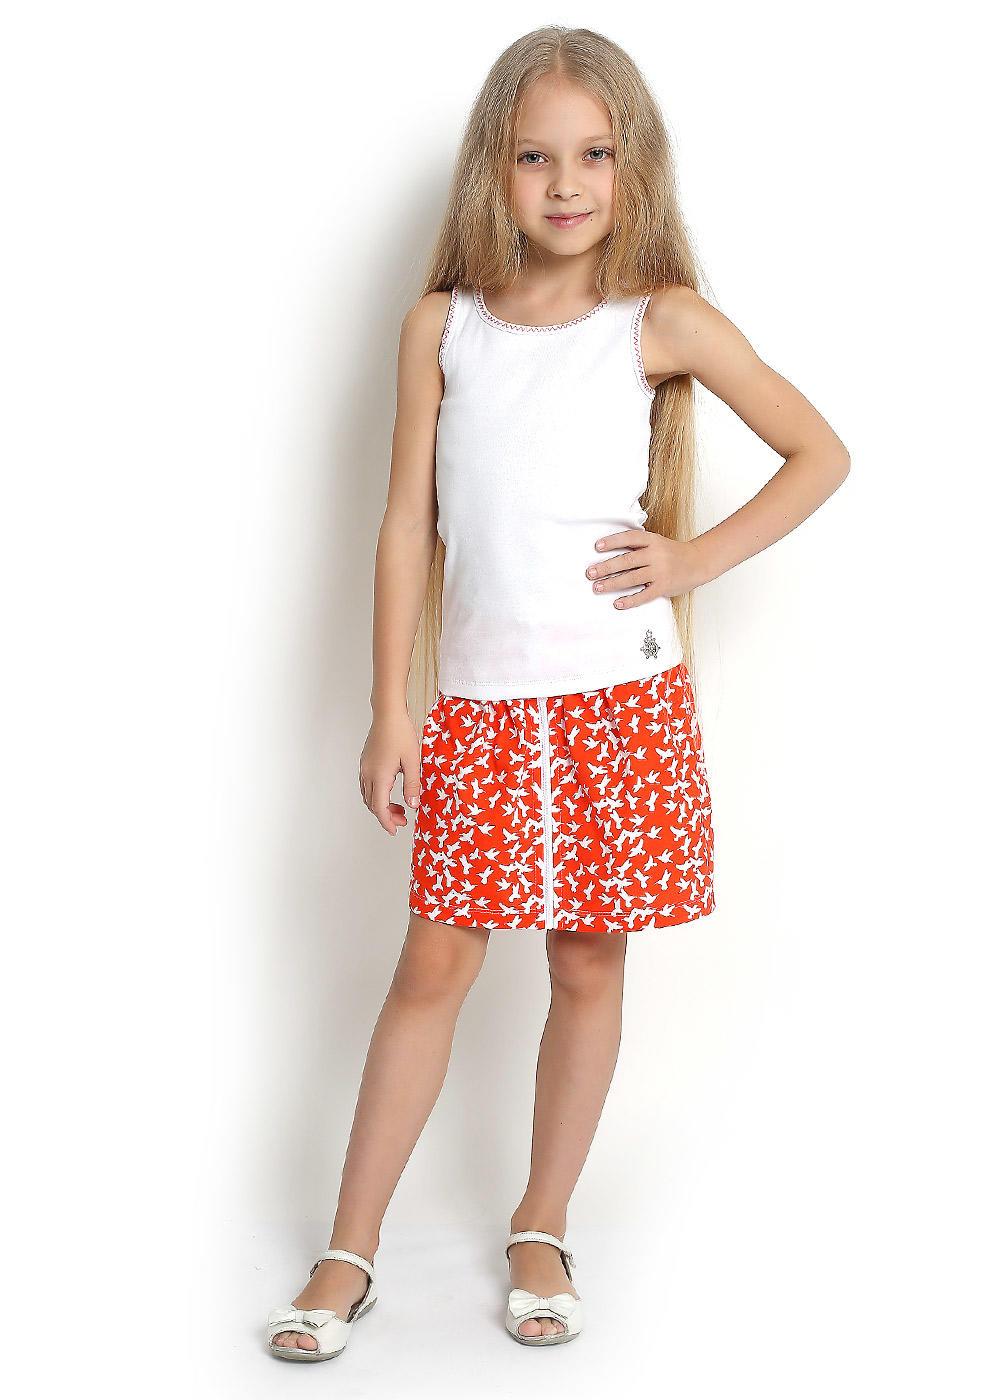 Фото детей в коротких юбках